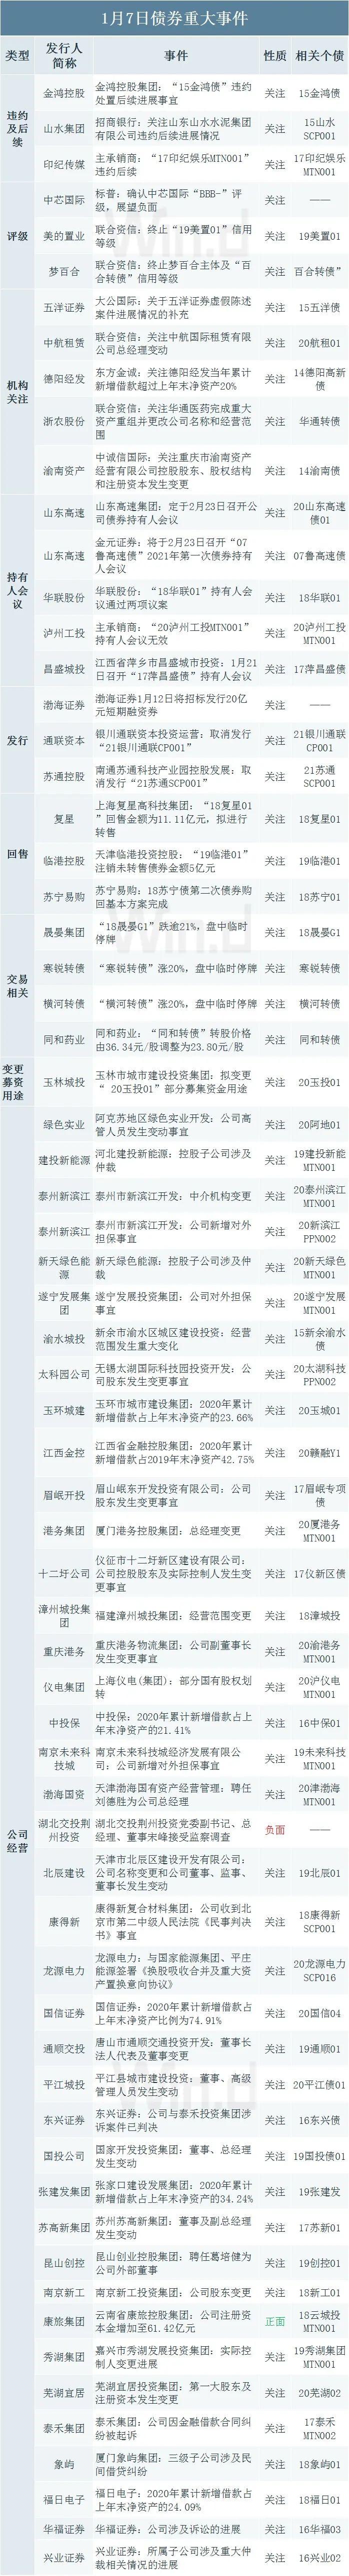 中国消防专物馆明起久停对中开放